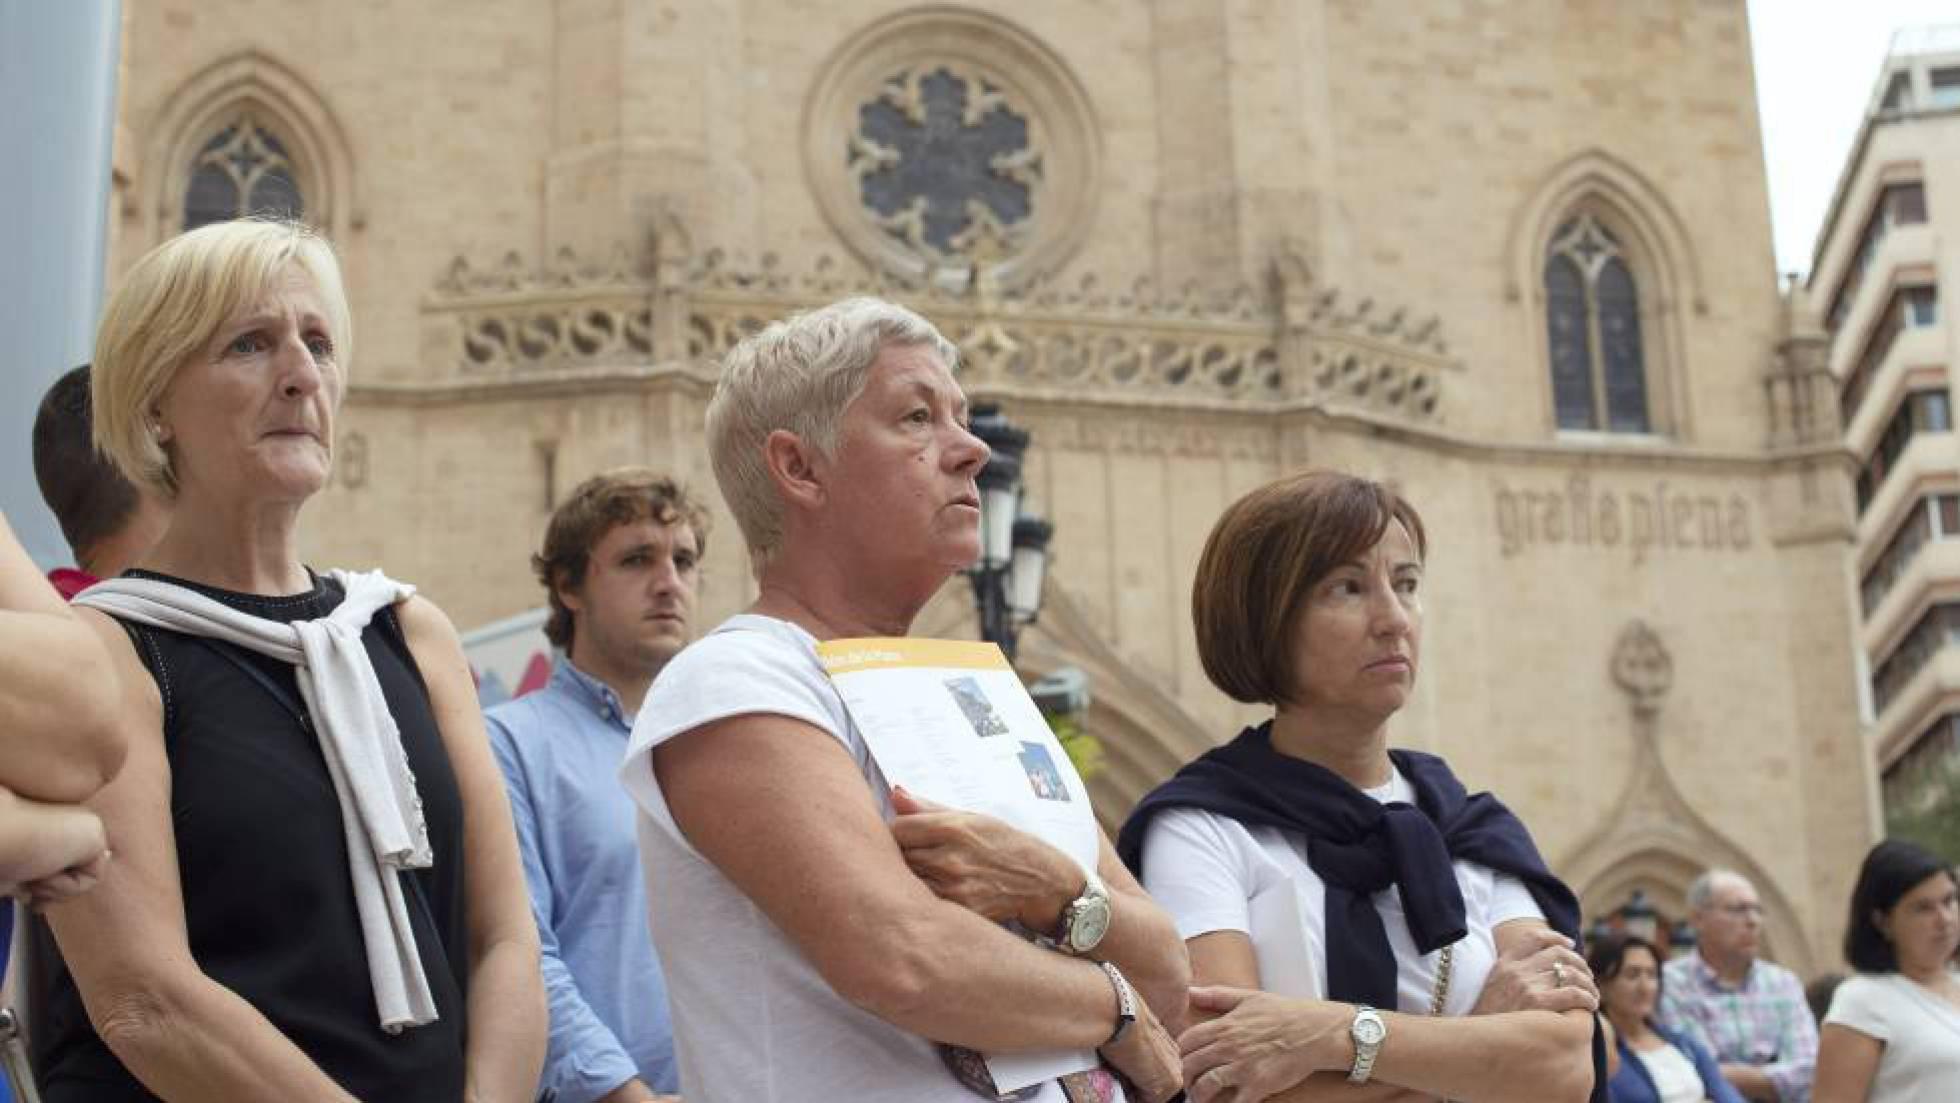 Minuto de silencio en el Ayuntamiento de Castellón tras el asesinato de Nerea y Martina. ÁNGEL SÁNCHEZ